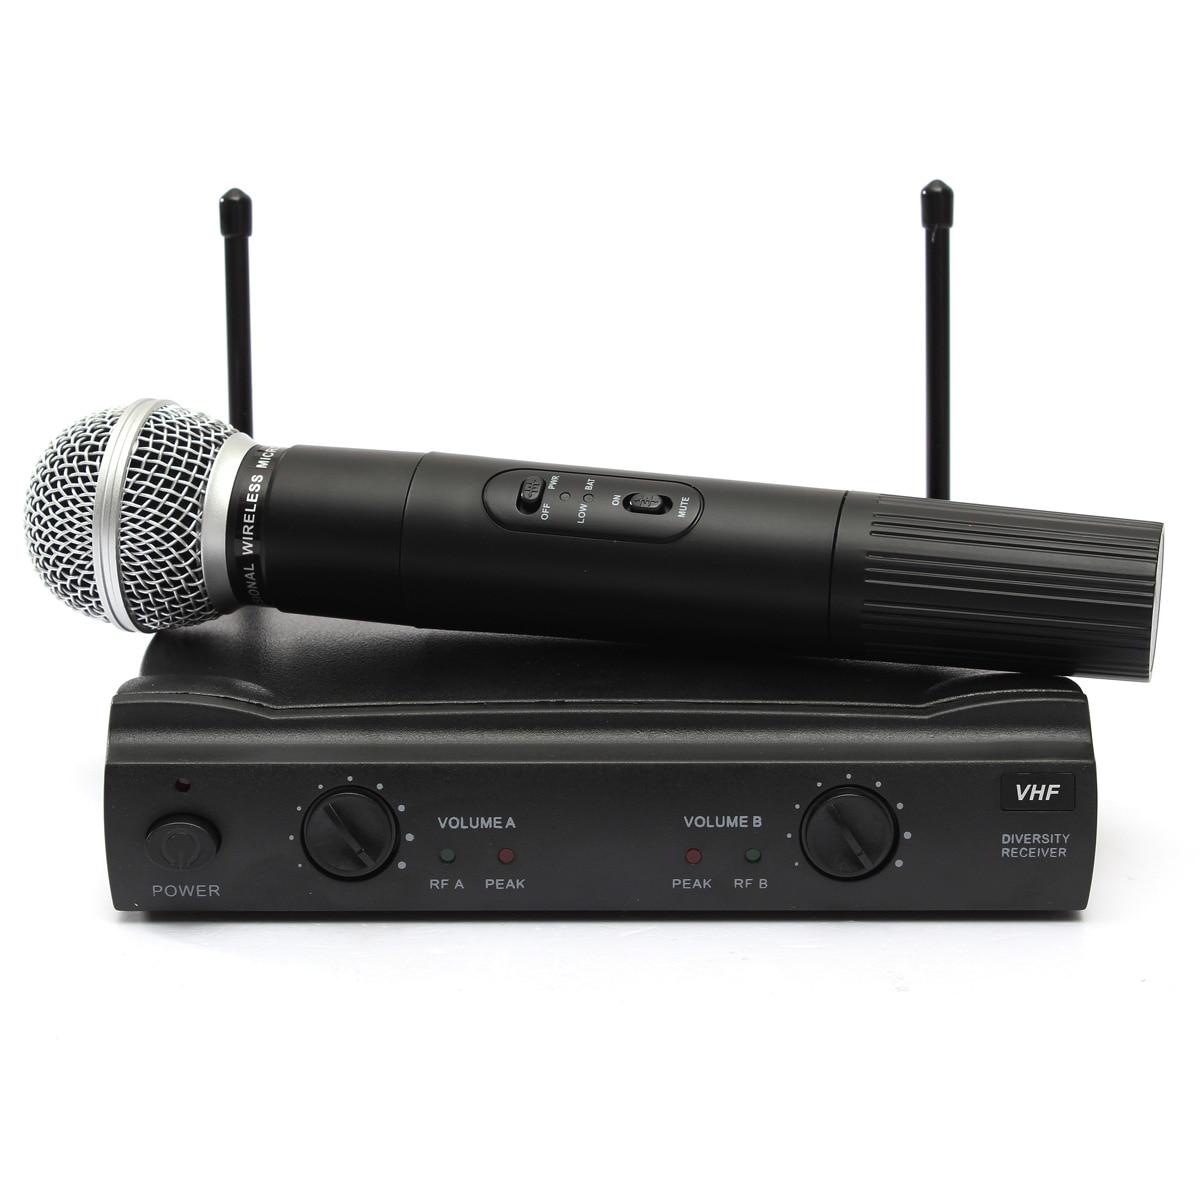 LEORY système de Microphone sans fil karaoké professionnel avec connecteur et récepteur Microphone à condensateur double micro pour le chant KTV - 6